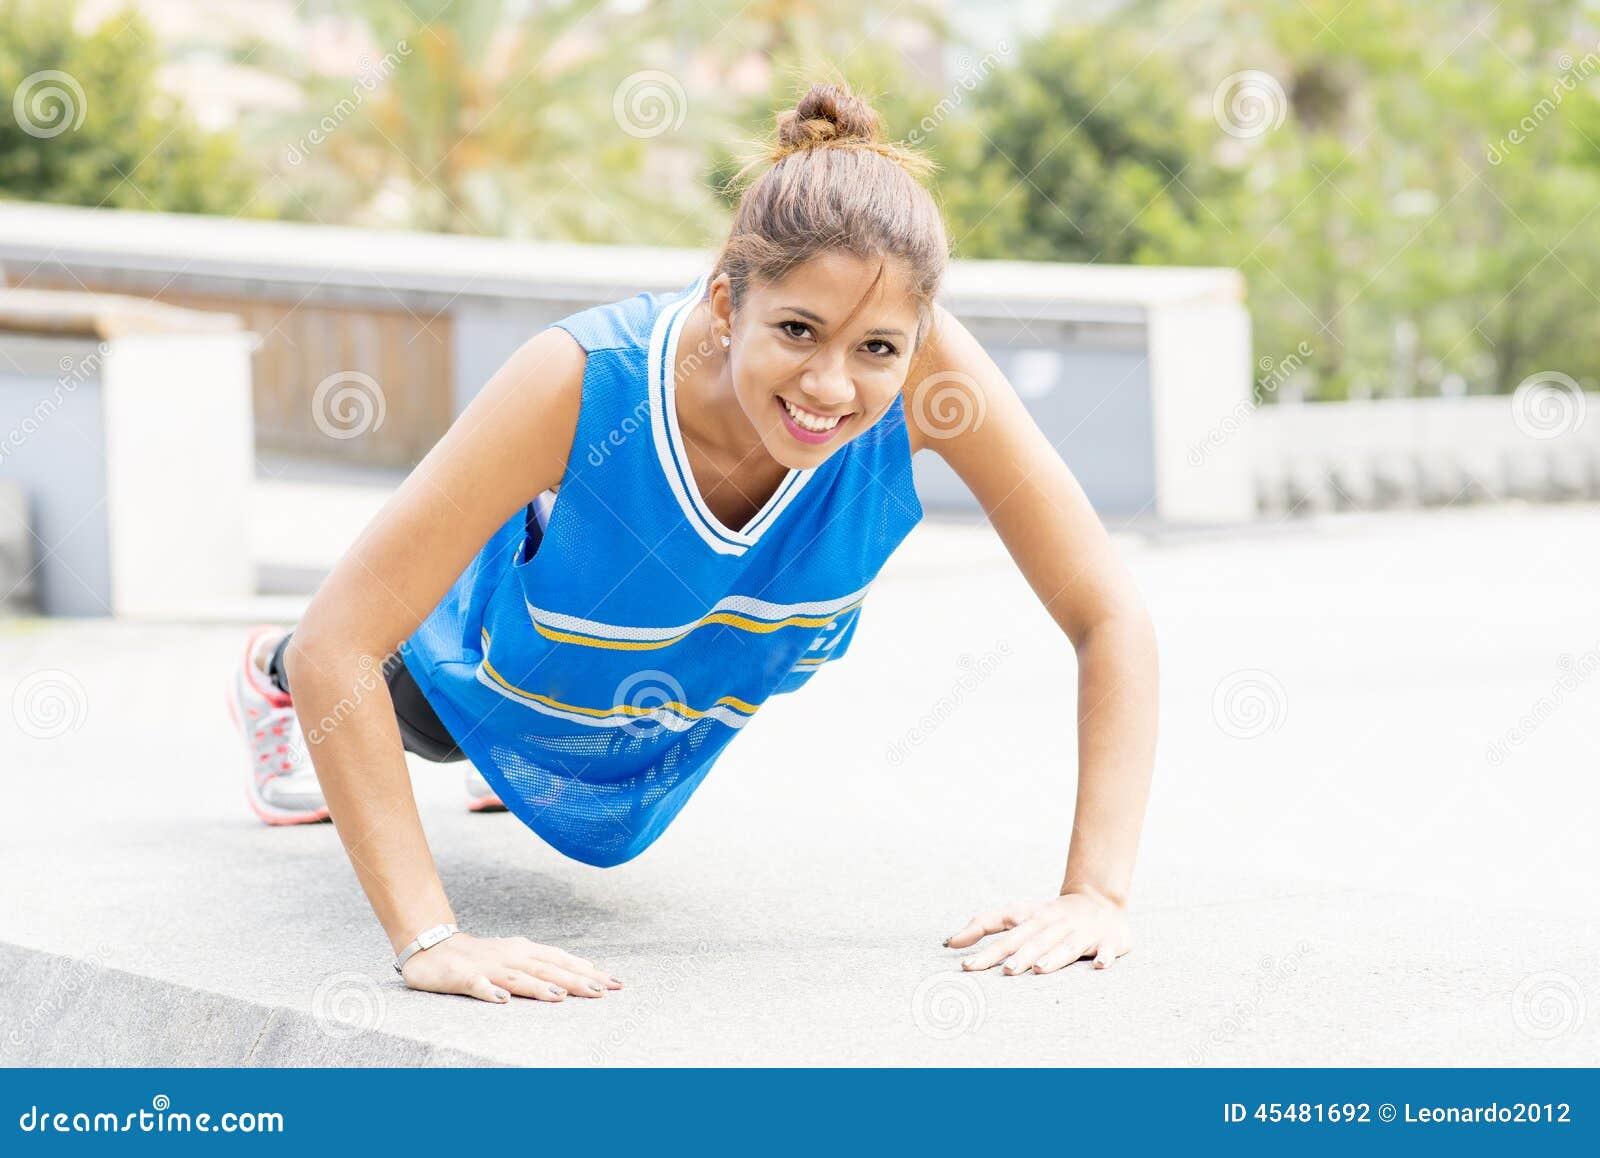 Uśmiechnięta piękna sportowa kobieta robi pushups w ulicie